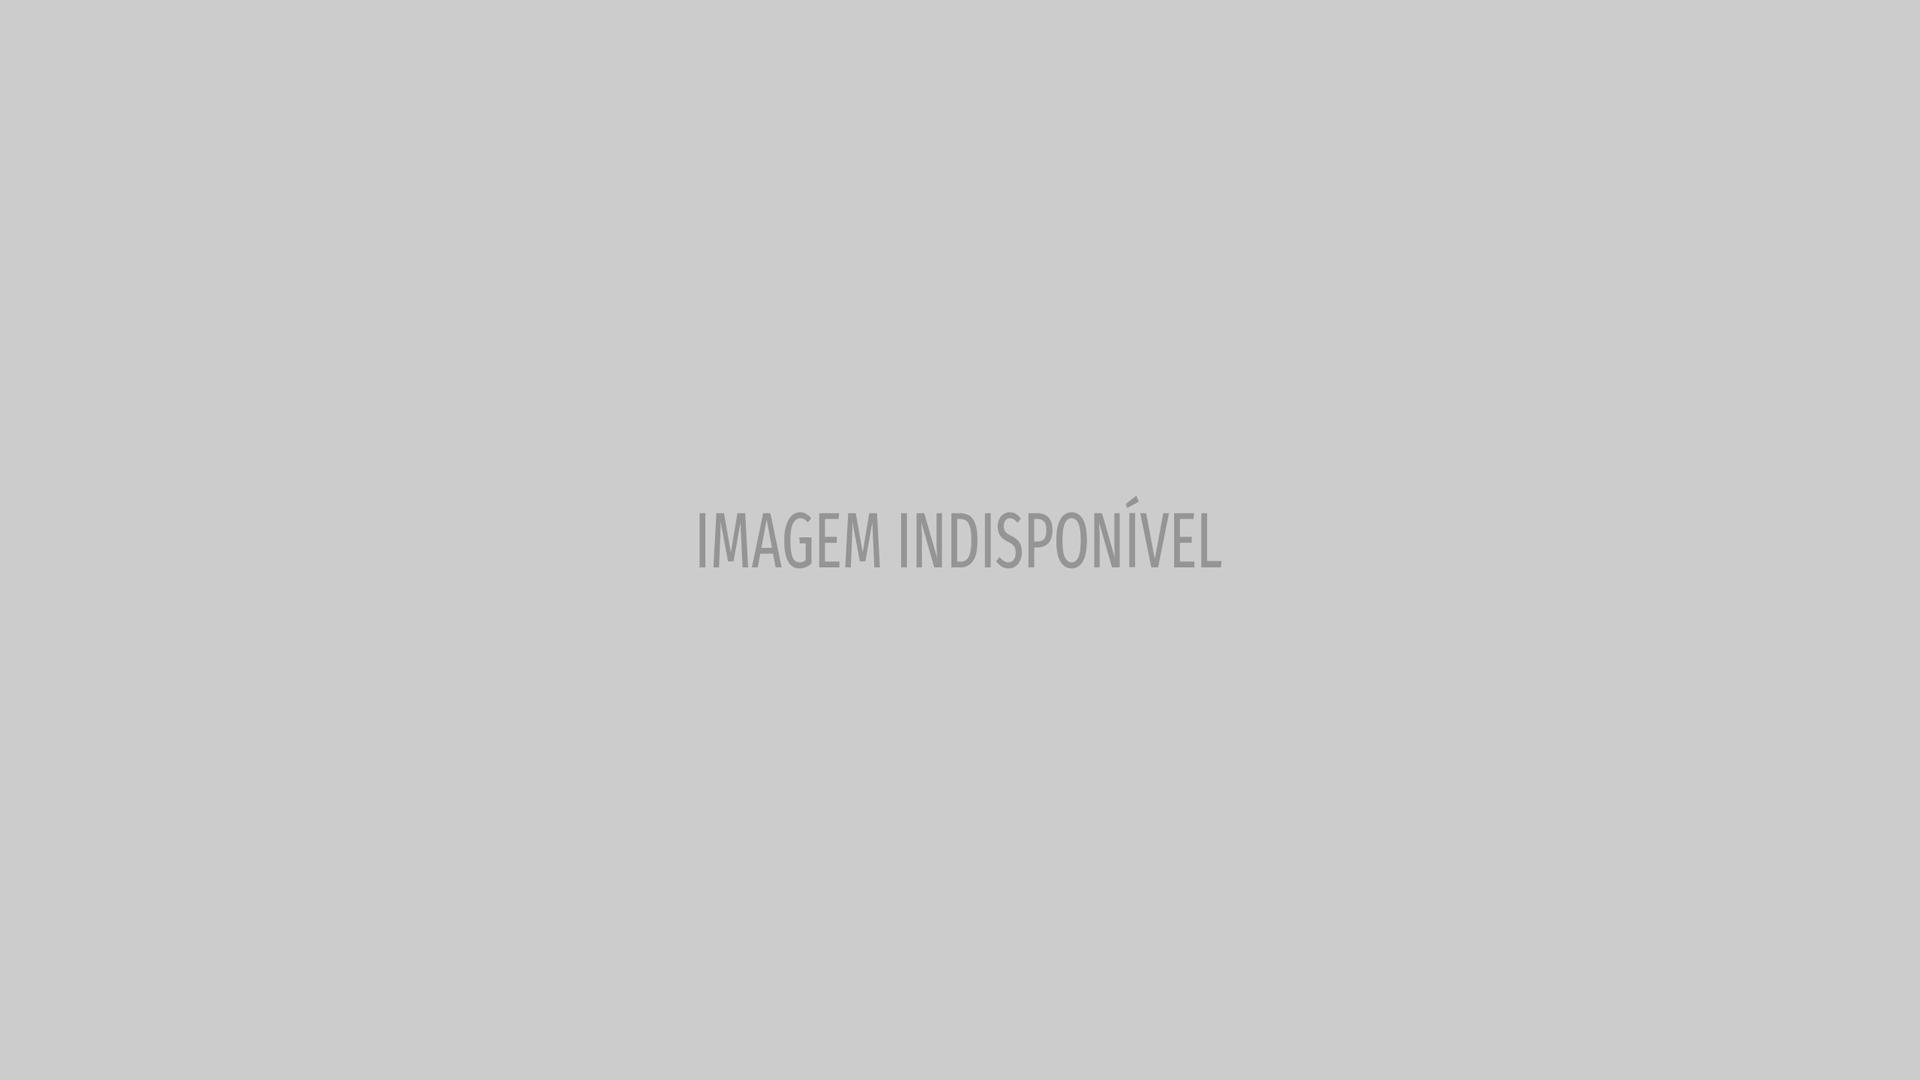 Fãs de Madonna confundem esfoliante com brinquedo sexual